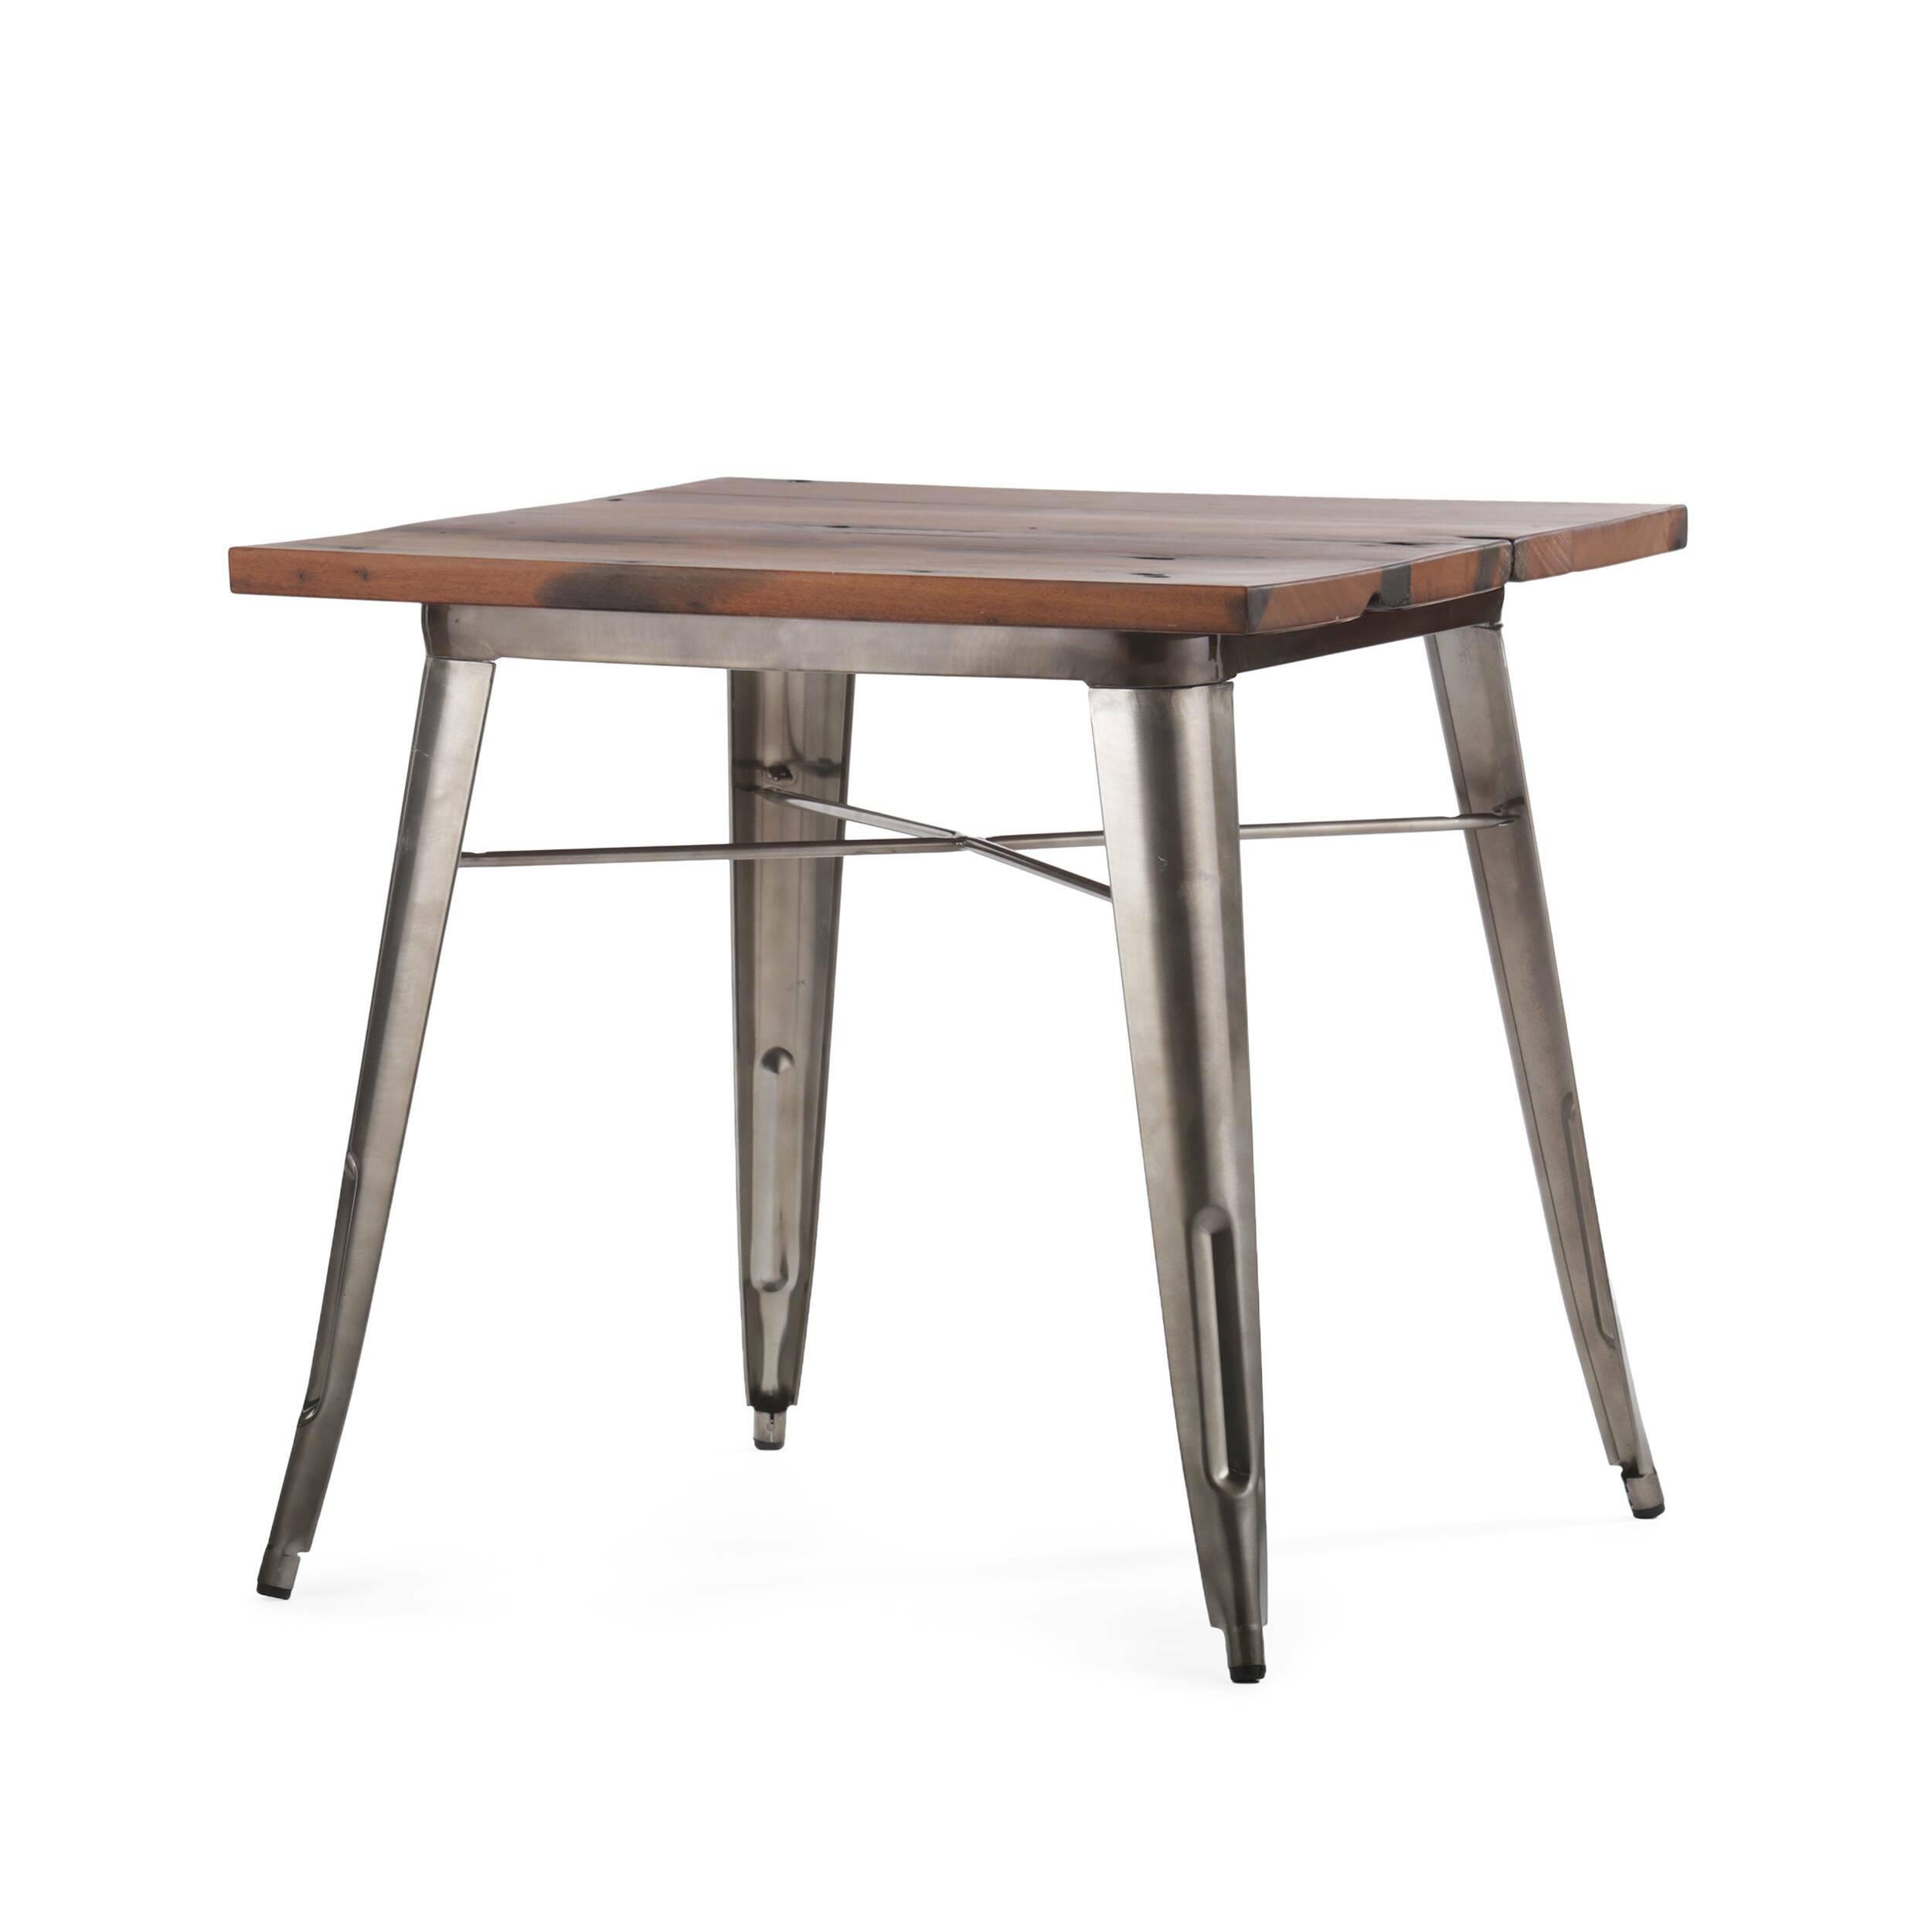 Обеденный стол TolixОбеденные<br>Дизайнерская квадратный обеденный стол Tolix на металлическом каркасе с состаренной деревянной столешницей от Cosmo (Космо).Данная модель обеденного стола — это одна из вариаций столов из коллекции Tolix, которая представляет собой широкий ассортимент мебельной продукции. Каждая модель считается эталоном современного дизайна, впервые появившегося в свет в тридцатые года прошлого столетия. Когда французский дизайнер Ксавье Пошар разработал особый метод обработки металла, гальванизацию, в свет ...<br><br>stock: 0<br>Высота: 77<br>Ширина: 80<br>Длина: 80<br>Цвет ножек: Бронза пушечная<br>Цвет столешницы: Коричневый<br>Материал столешницы: Массив состаренного дерева<br>Тип материала столешницы: Дерево<br>Тип материала ножек: Сталь